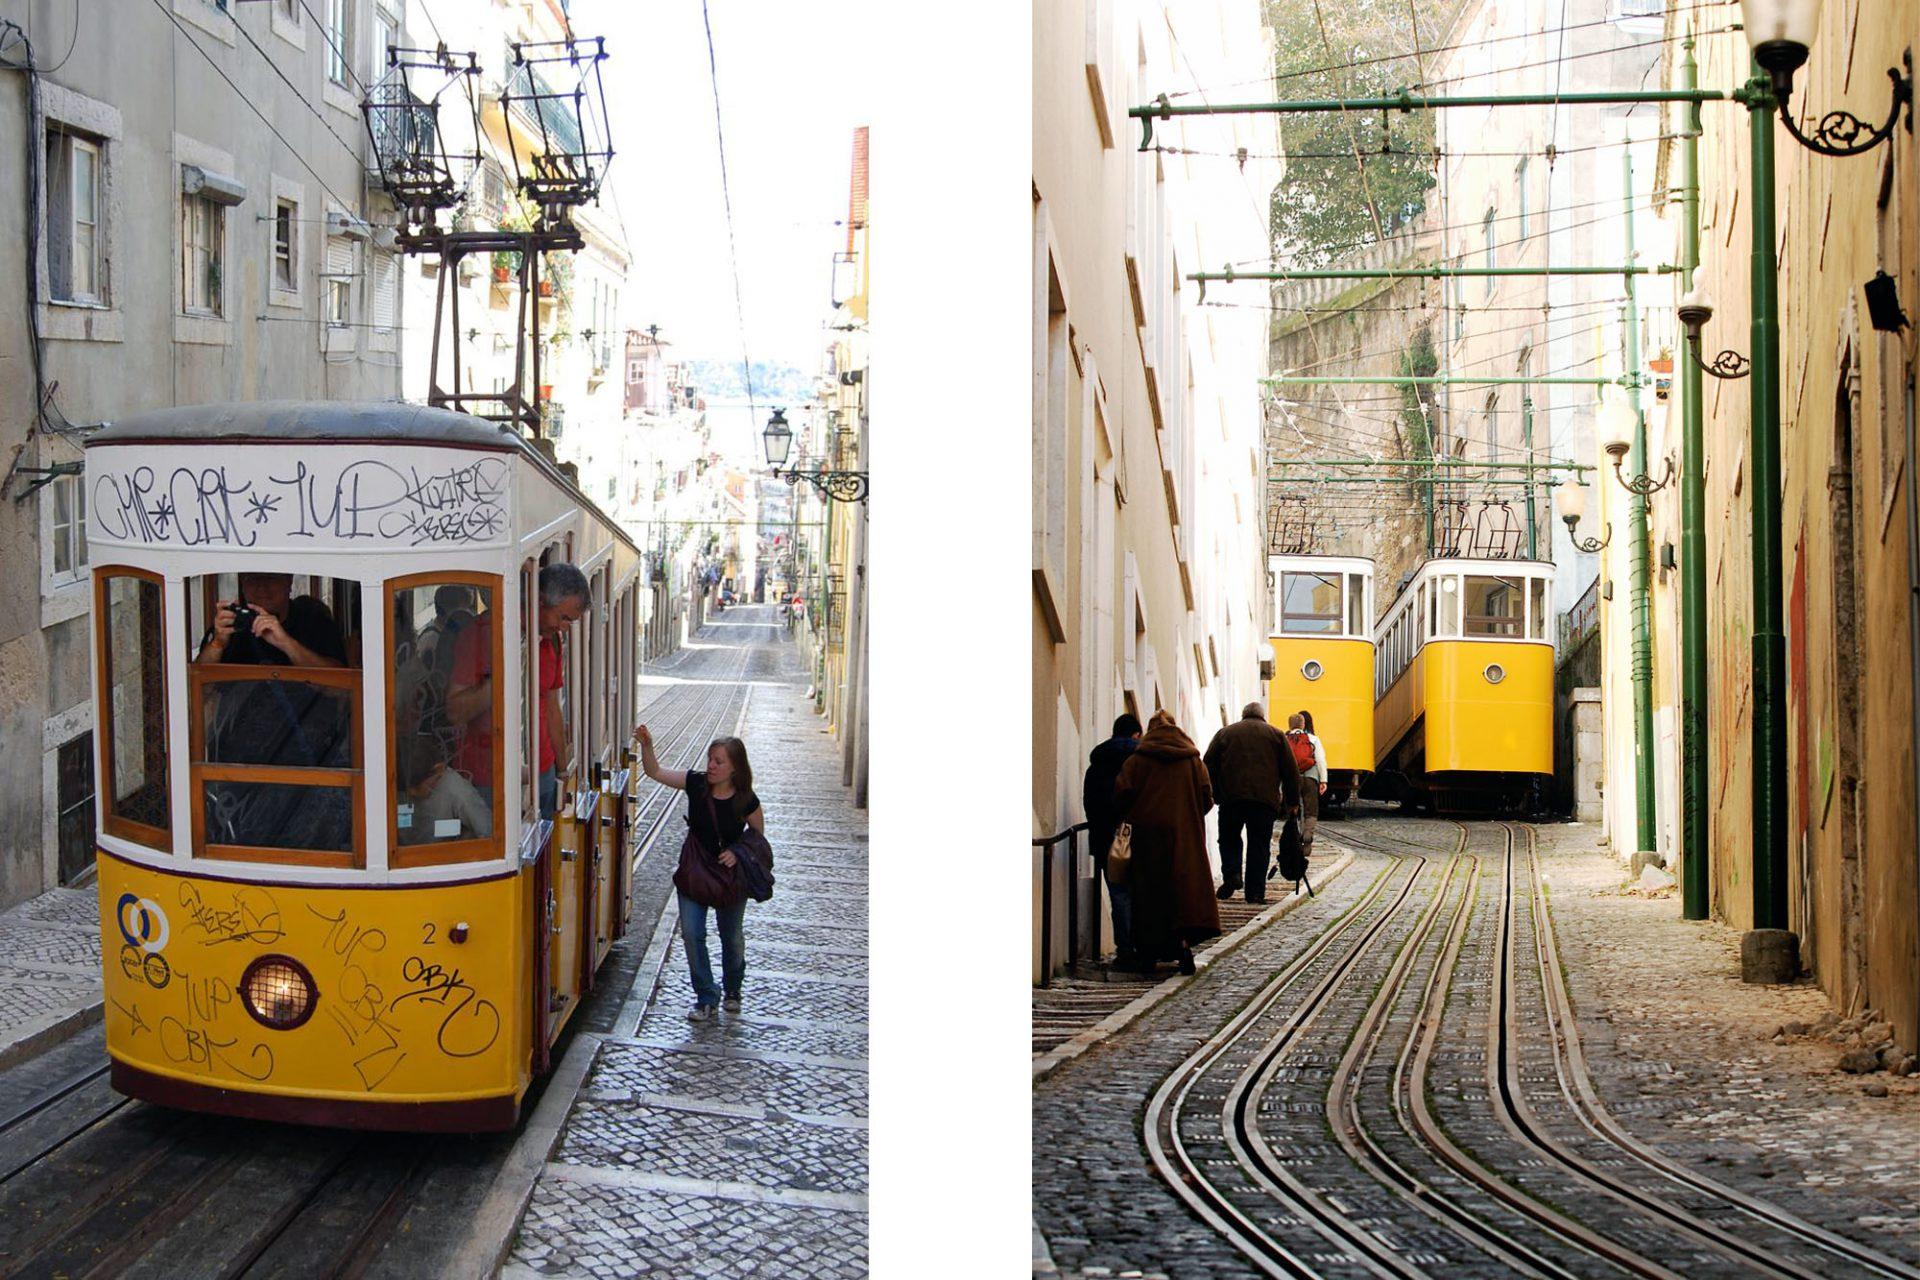 Elevador da Bica (links) und Elevador do Lavra (rechts). Die 1892 eröffnete Bahn überwindet eine Höhendifferenz von 45 Metern auf einer Länge von 260 Metern. Die 1884 eröffnete Bahn überwindet eine Differenz von 43 Metern auf einer Länge von 182 Metern.